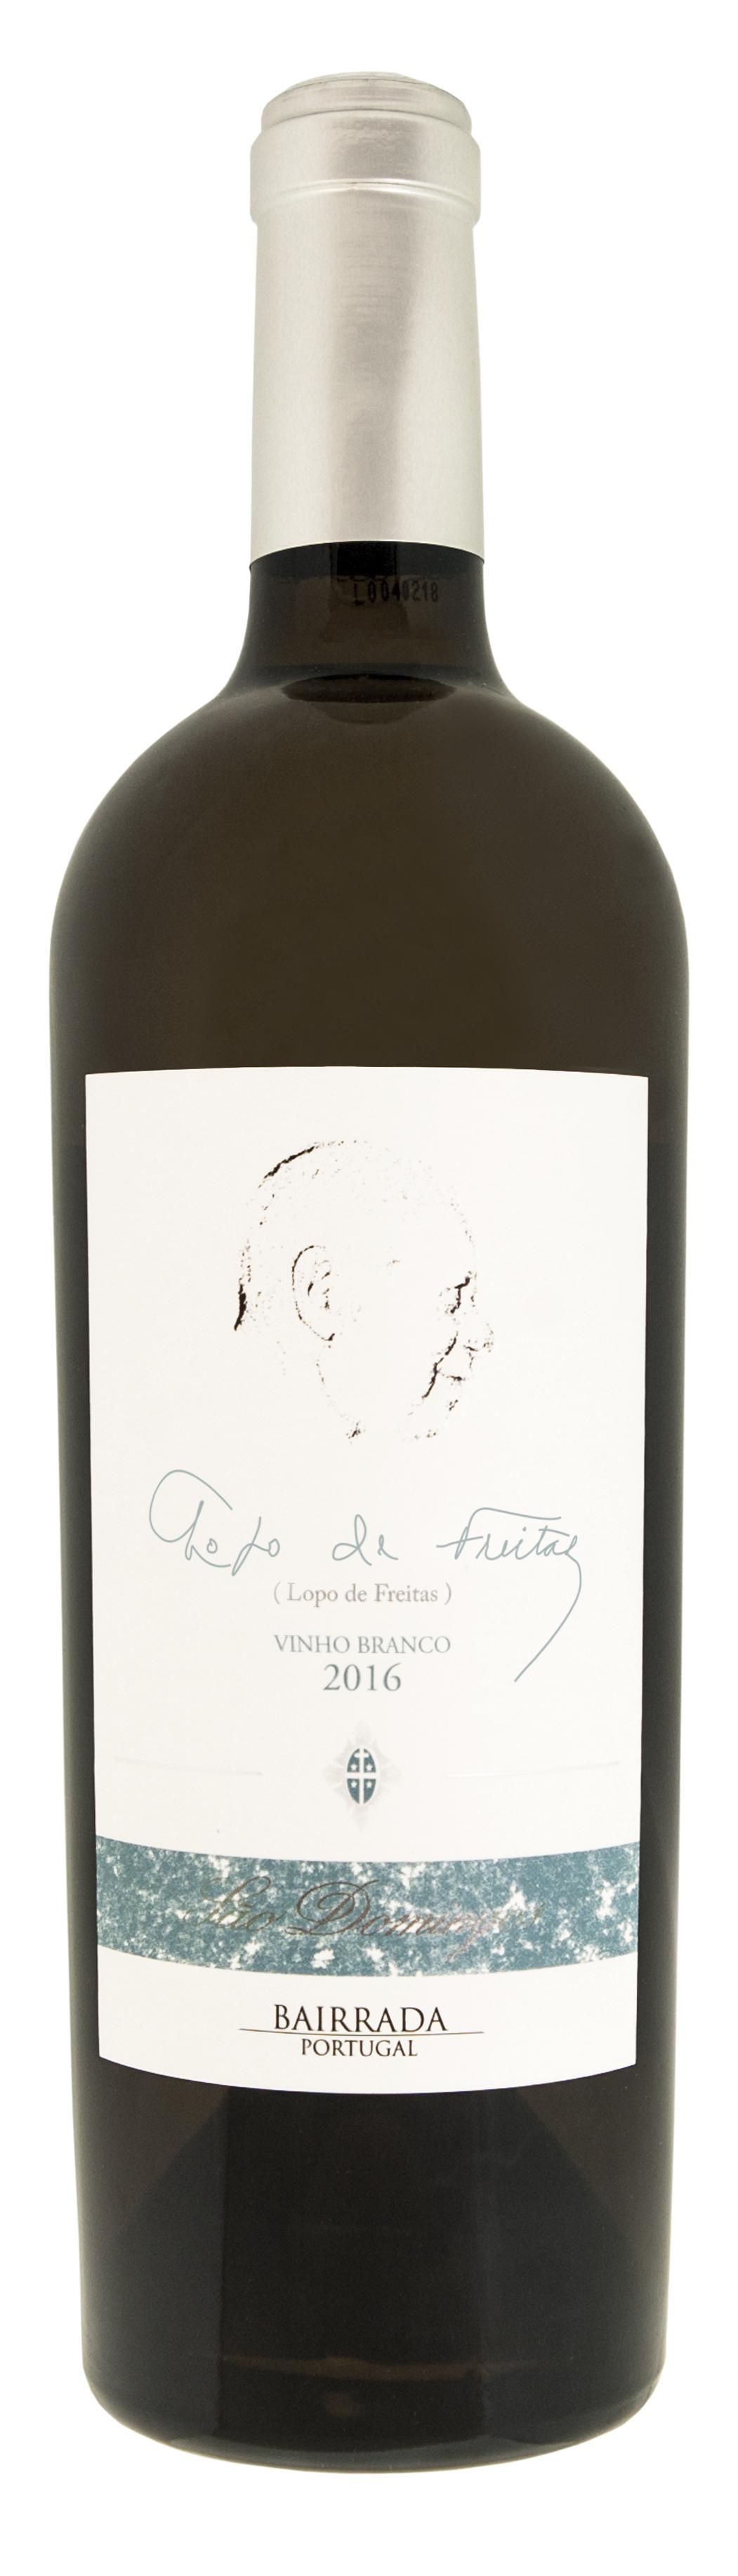 Lopo de Freitas white wine